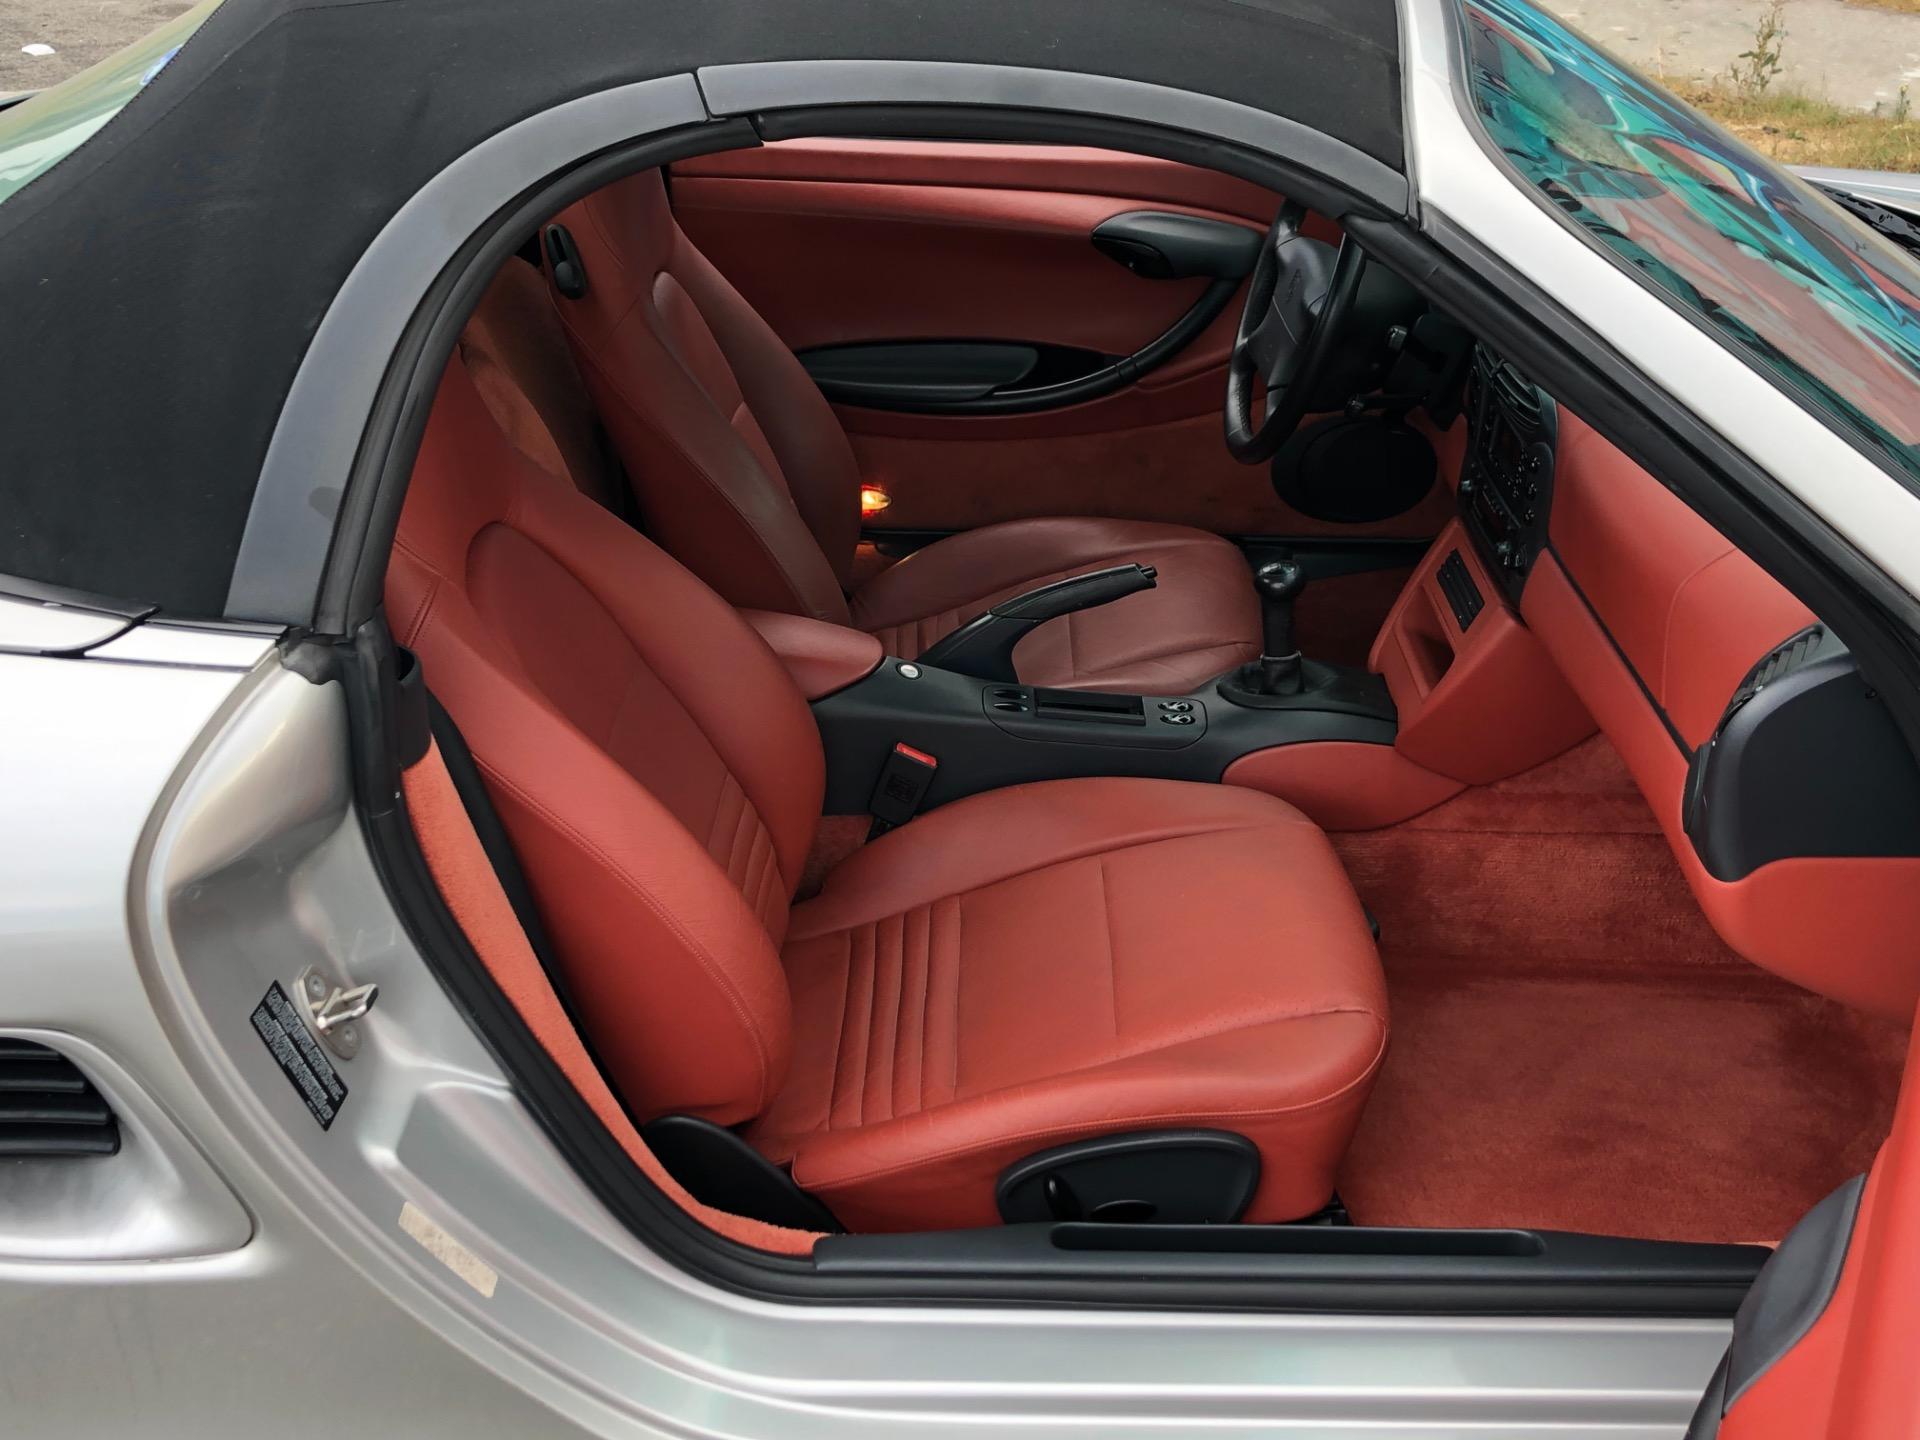 Used 1997 Porsche Boxster